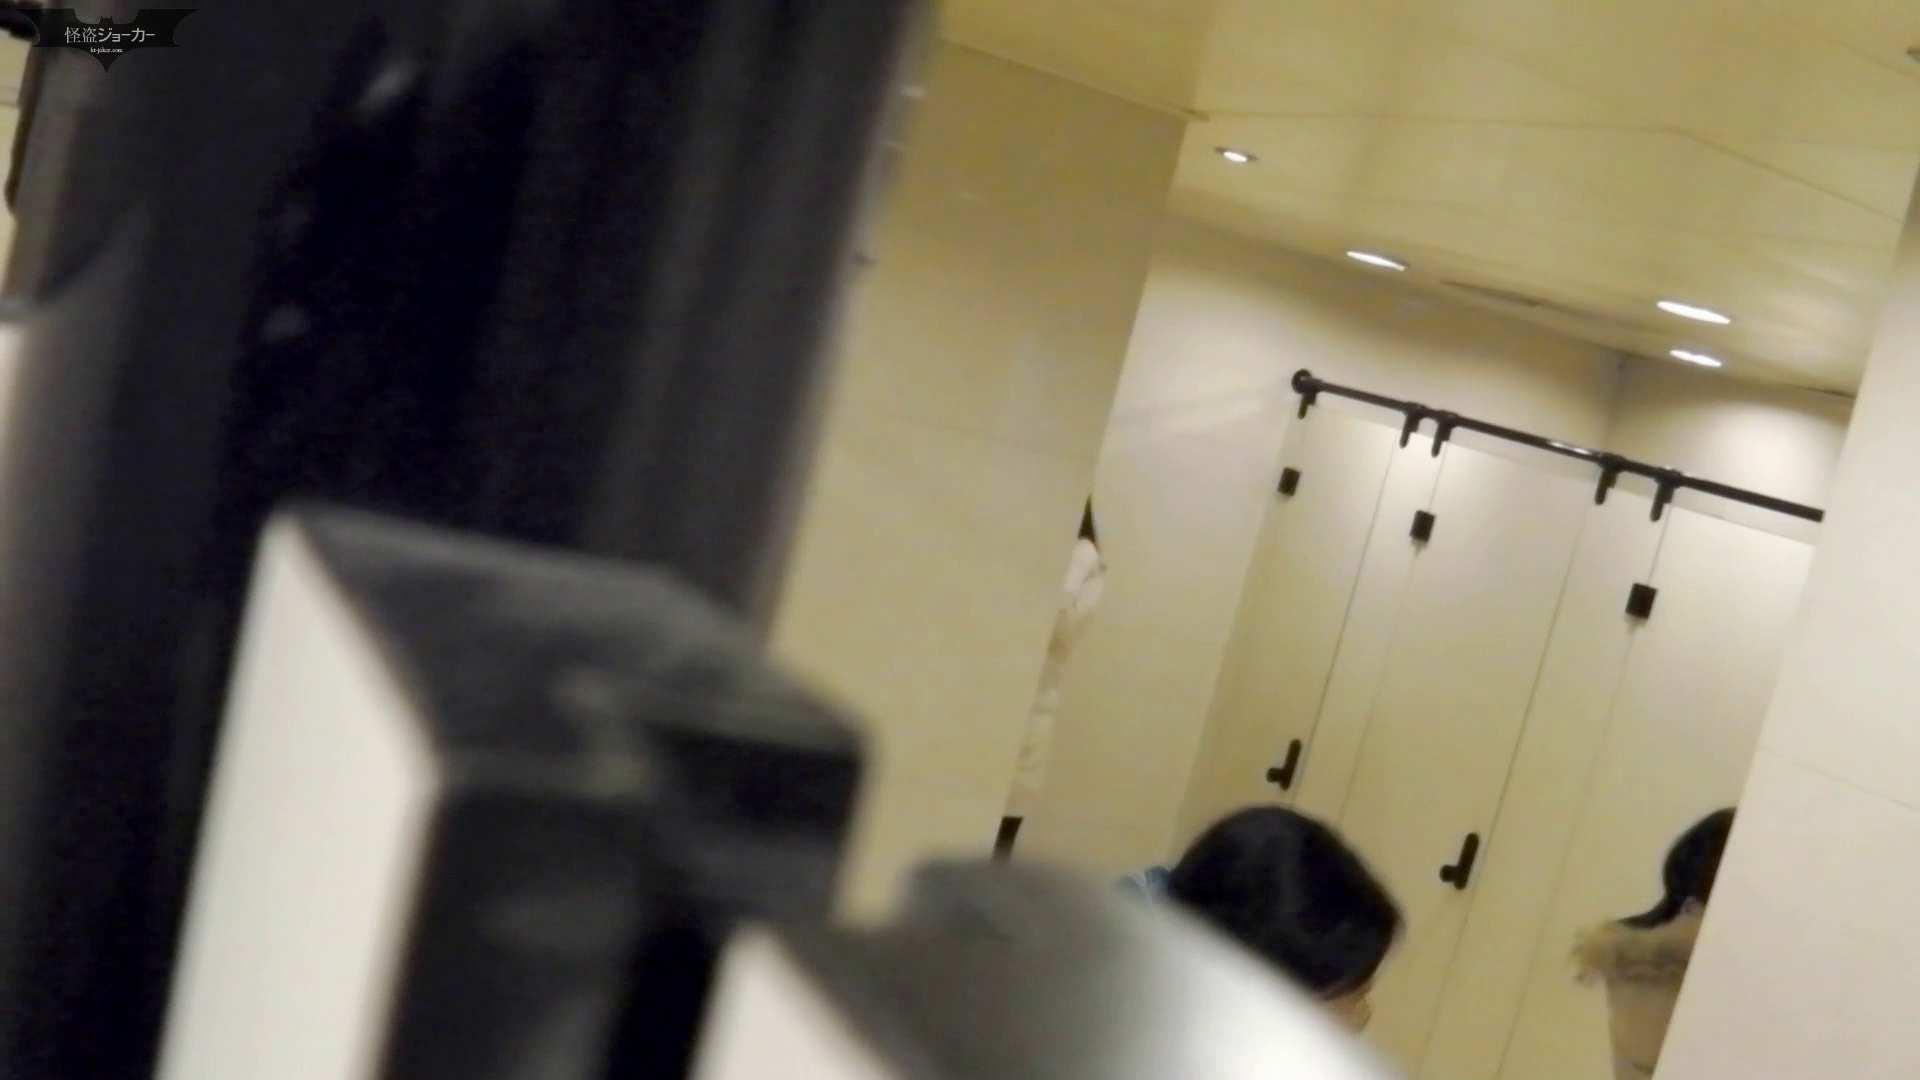 トイレ盗撮|新世界の射窓 No65 これぞ究極追い撮り!売場でみかけた可愛い子|怪盗ジョーカー